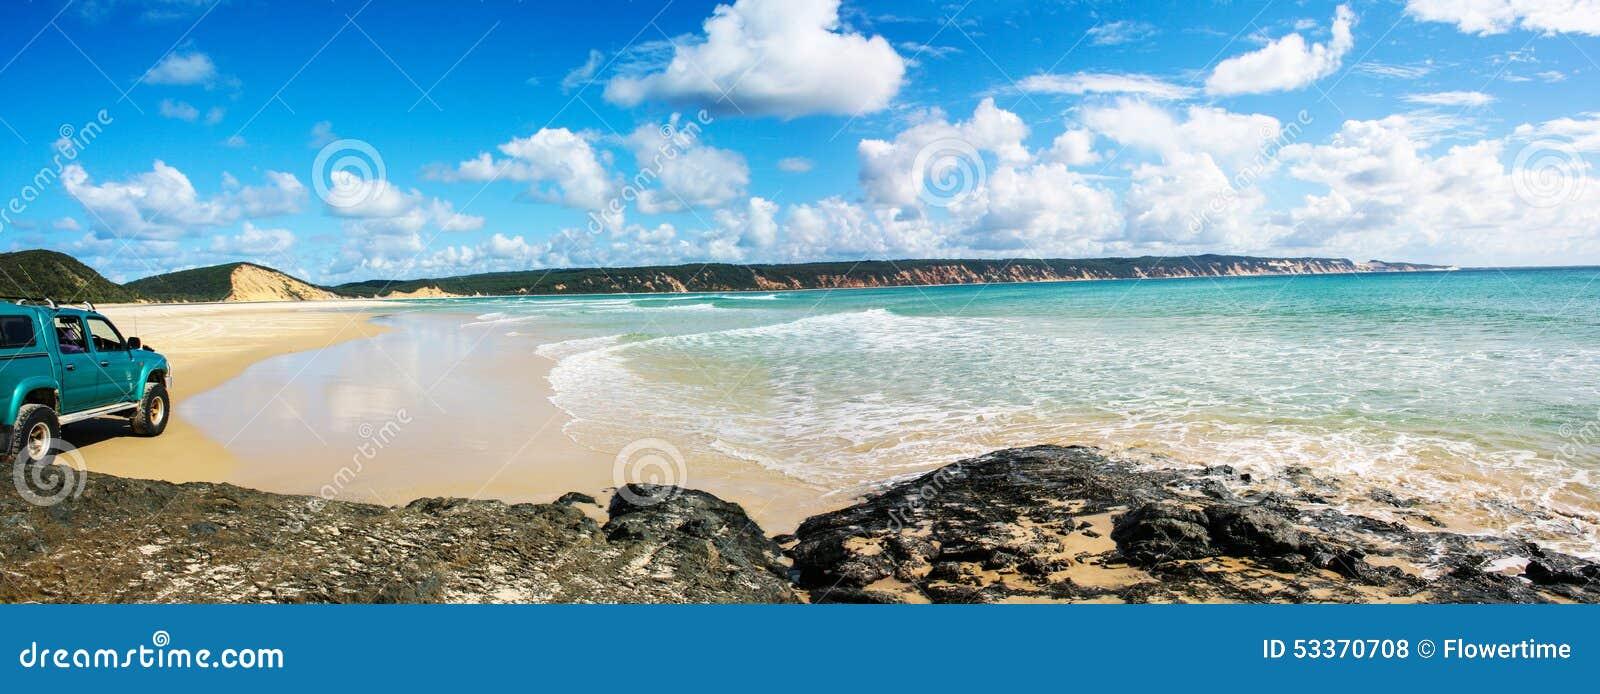 Παραλία Αυστραλία ουράνιων τόξων